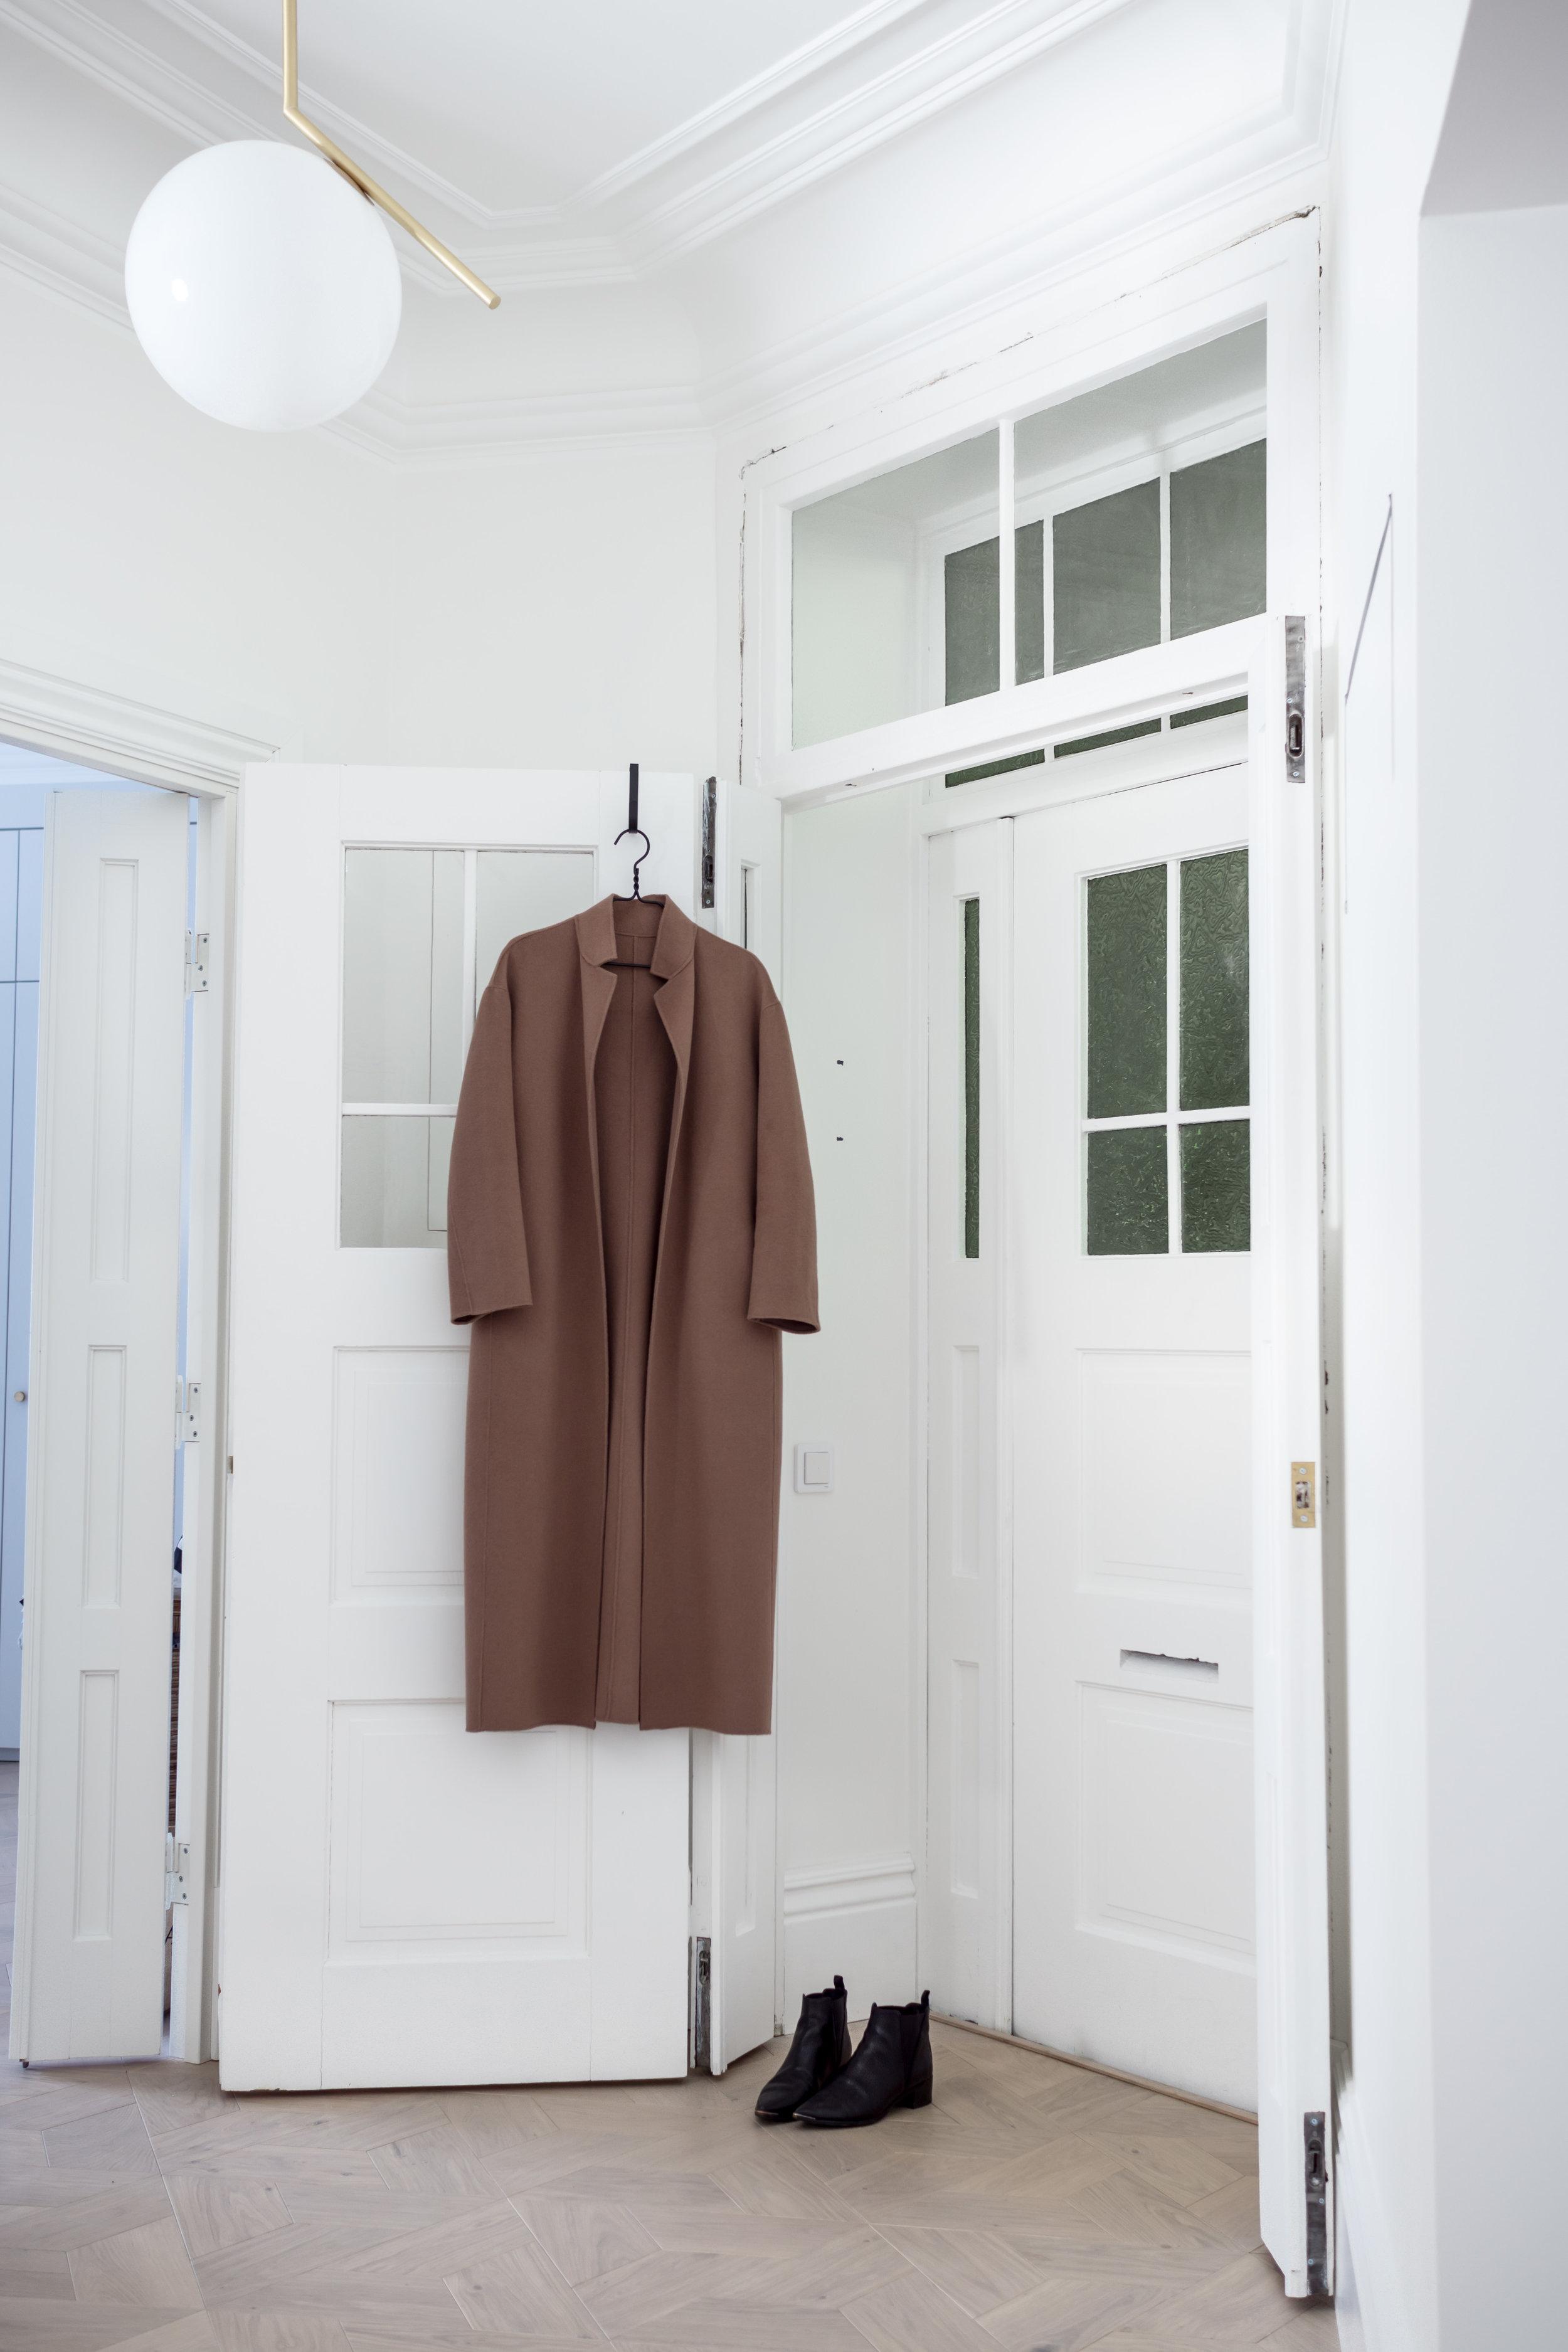 Kuvassa näkyvä toffeenvärinen takki on myös tämän talven hankintoja. Juuri täydellisen värinen ja mallinen pitkä takki löytyi Filippa K:lta. Btw, sitä näytti olevan vieläkin alessa, ainakin M-koossa! (Kannattaa ottaa aika reilu koko; itselläni L; tämän on tarkoituskin olla väljä.)